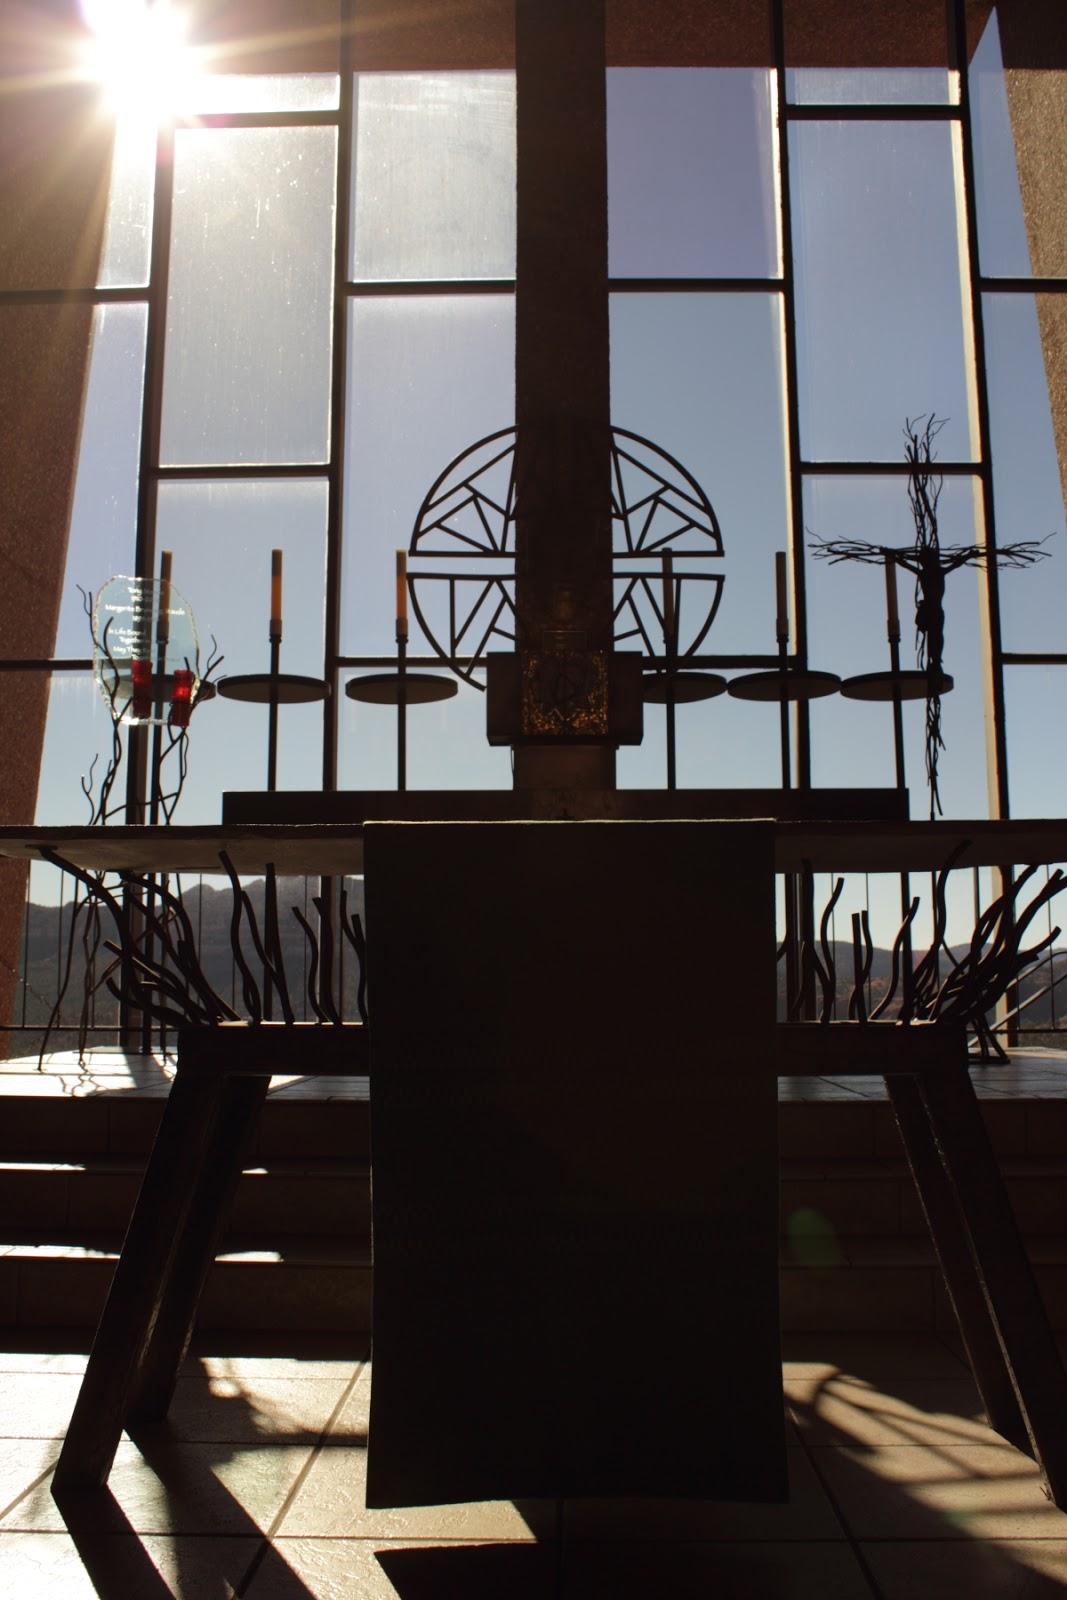 Chapel Of The Holy Cross - Sedona